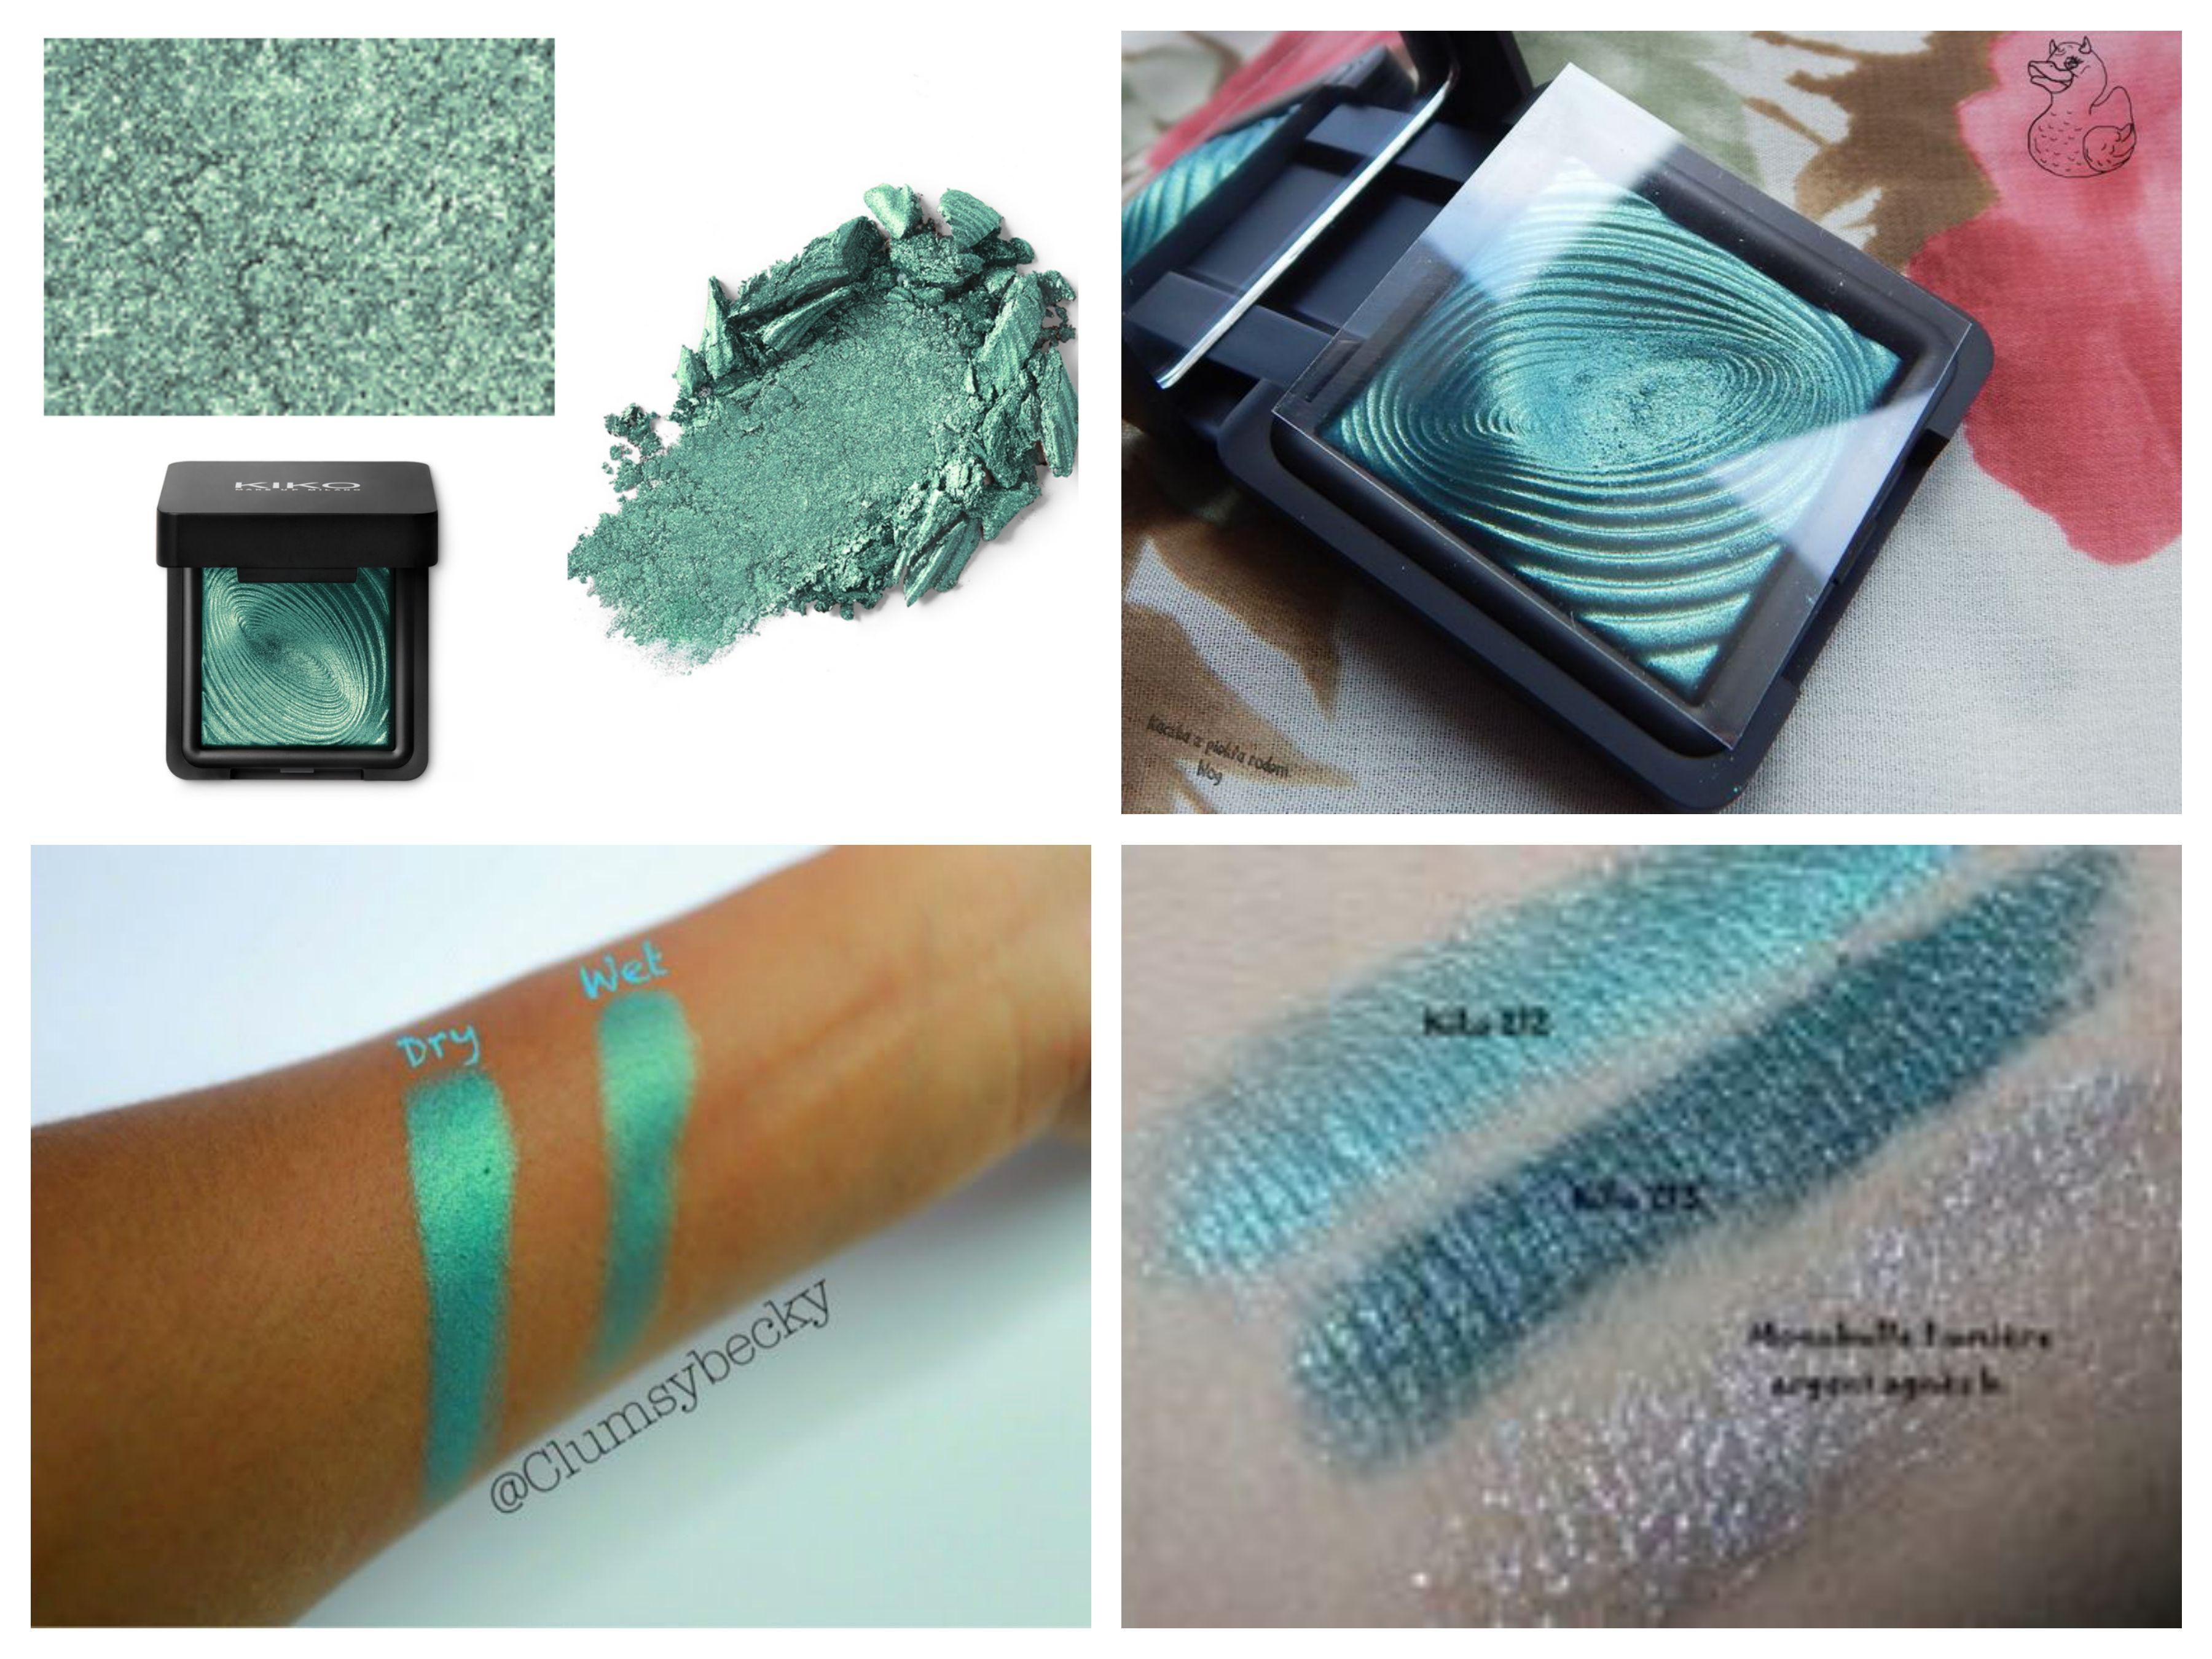 Kiko Water Eyeshadow 212 Smeraldo Make Up And